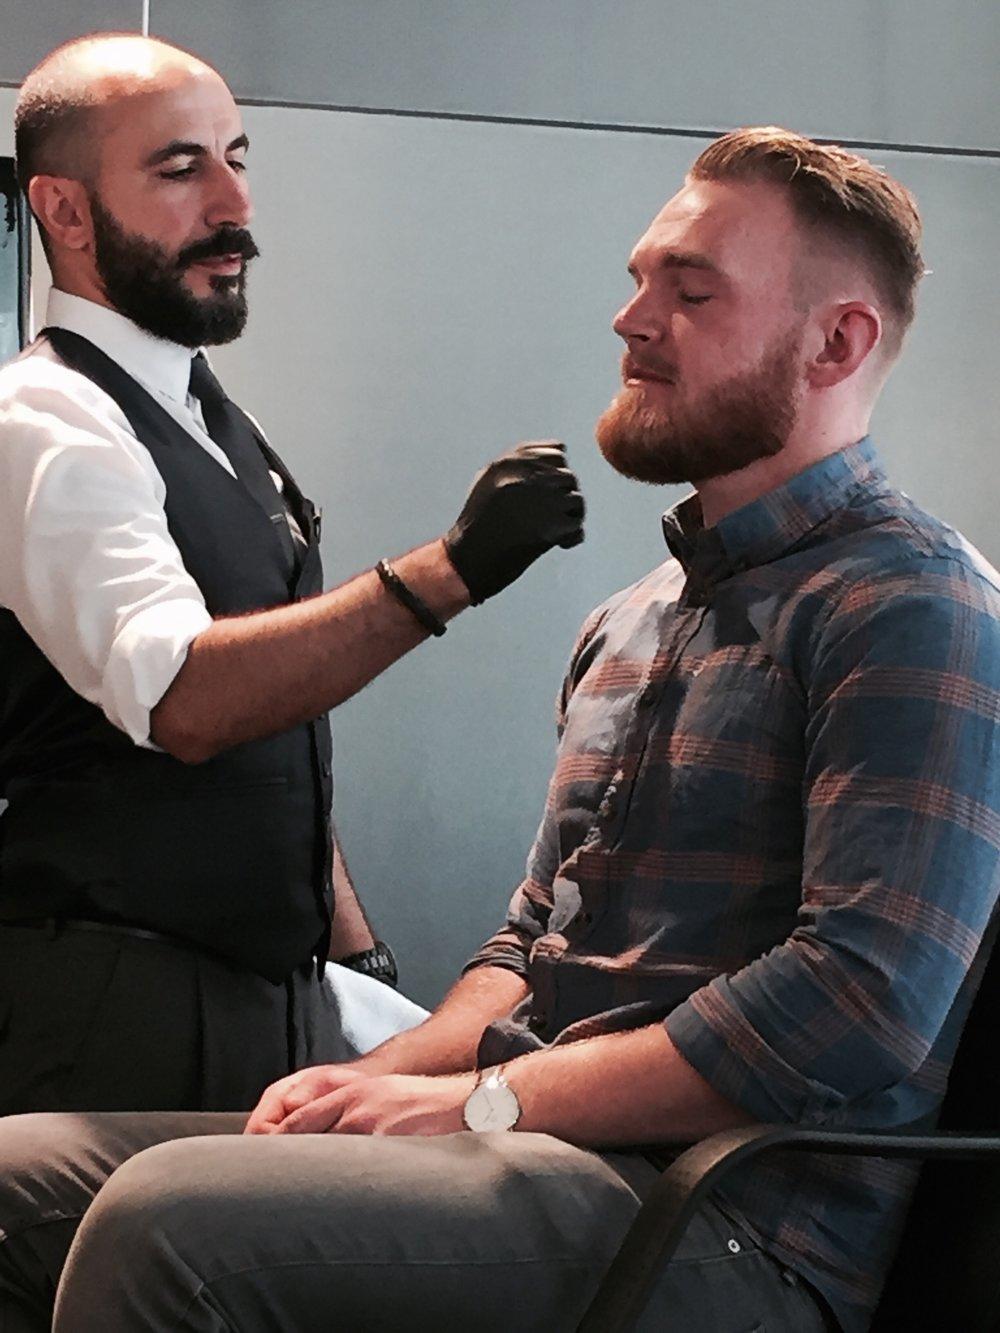 Her ser vi tydlig modellen har fått en mer kledelig form og utrykk på skjegget sitt